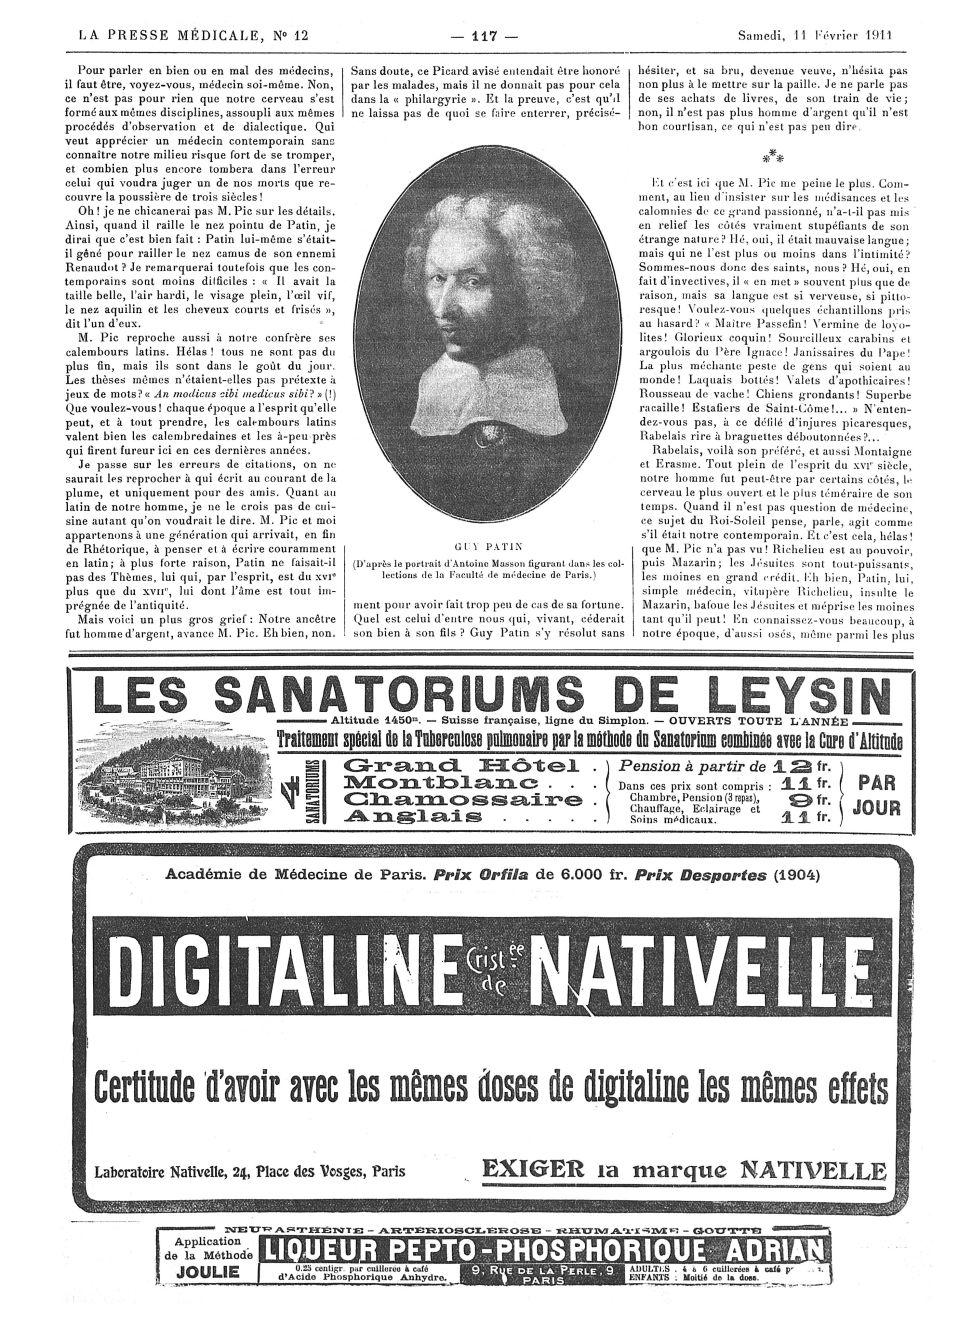 Guy Patin - La Presse médicale - [Volume d'annexes] -  - med100000x1911xannexesx0117